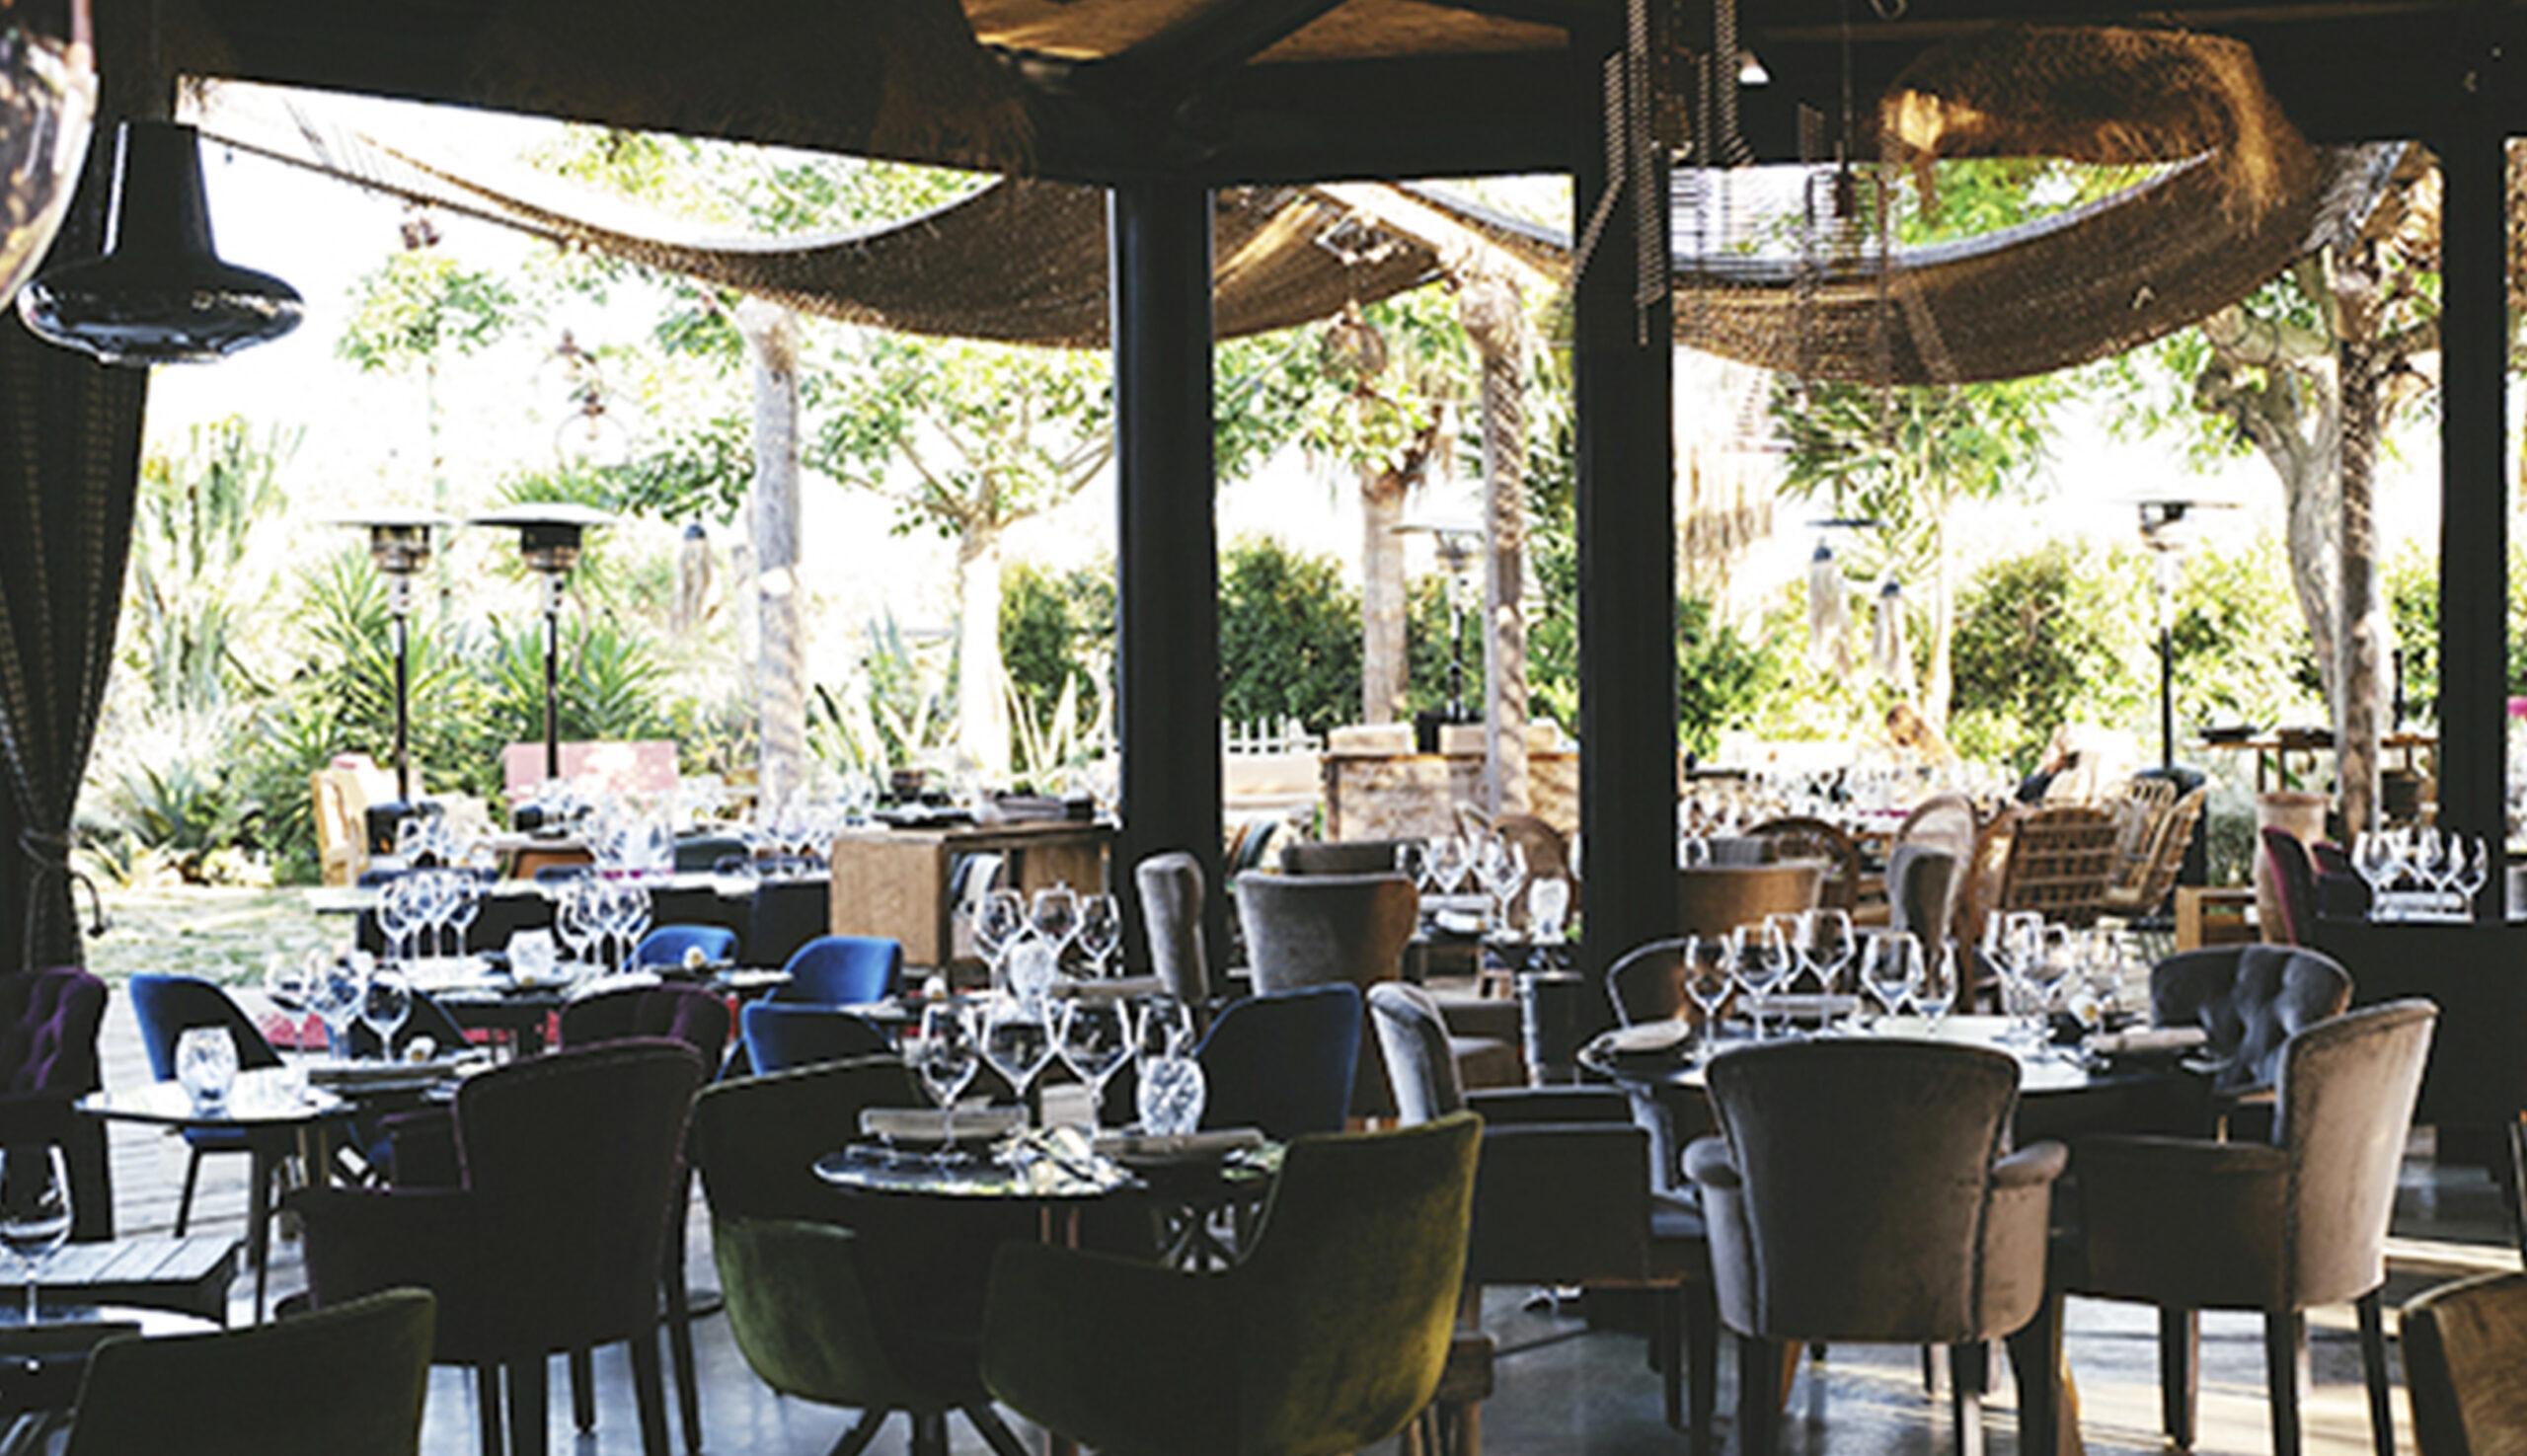 juls-ibiza-restaurant-magazinehorse